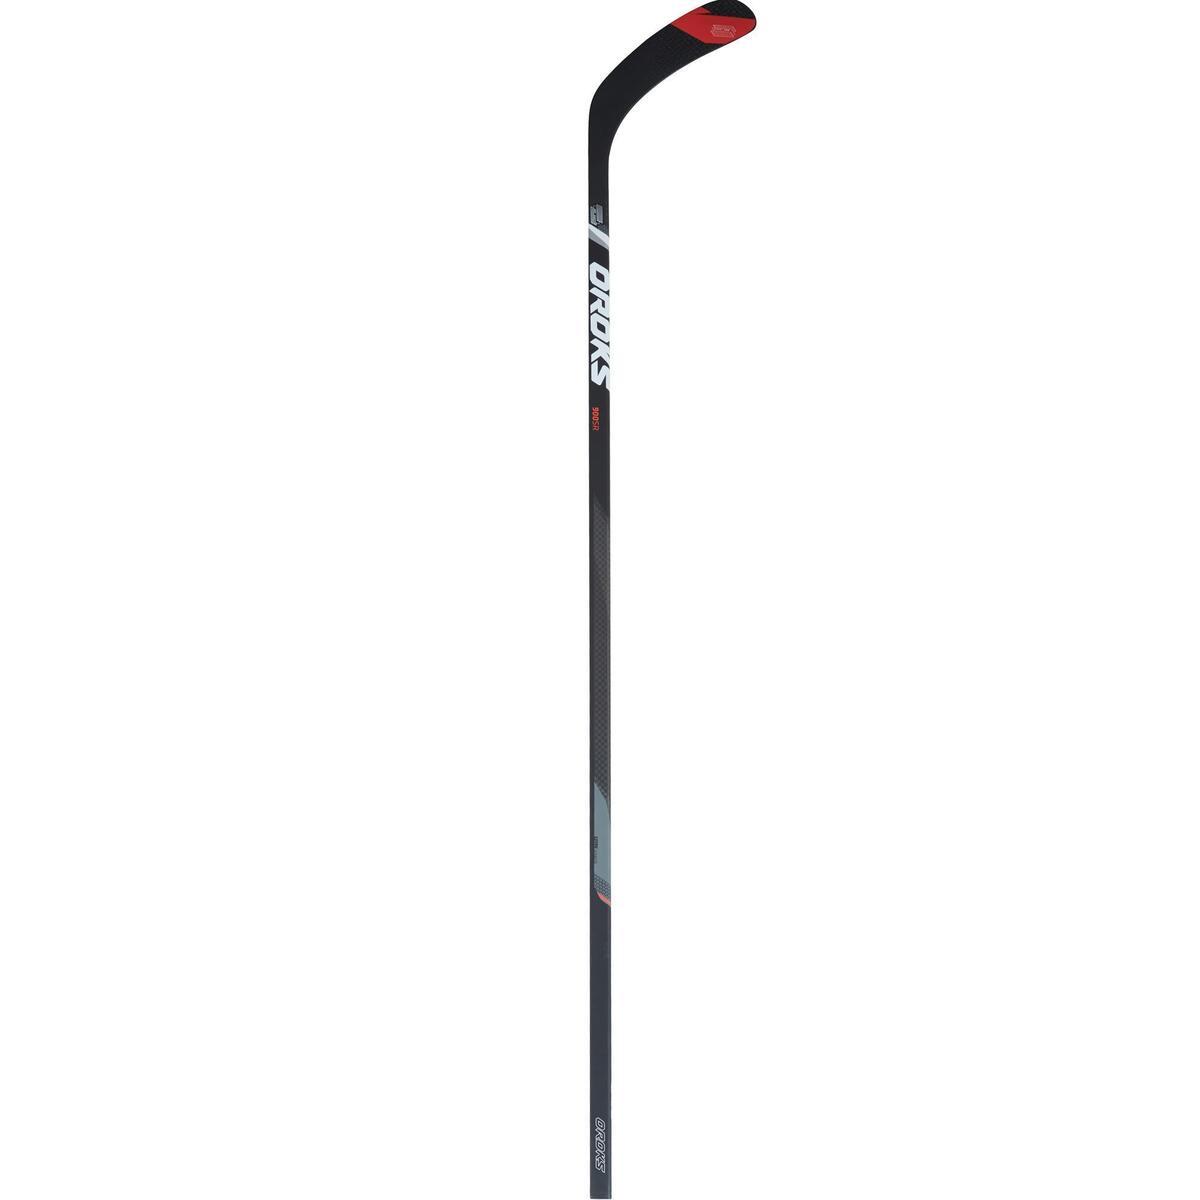 Bild 1 von Schläger Eishockey IH 900 75 Erwachsene rechts